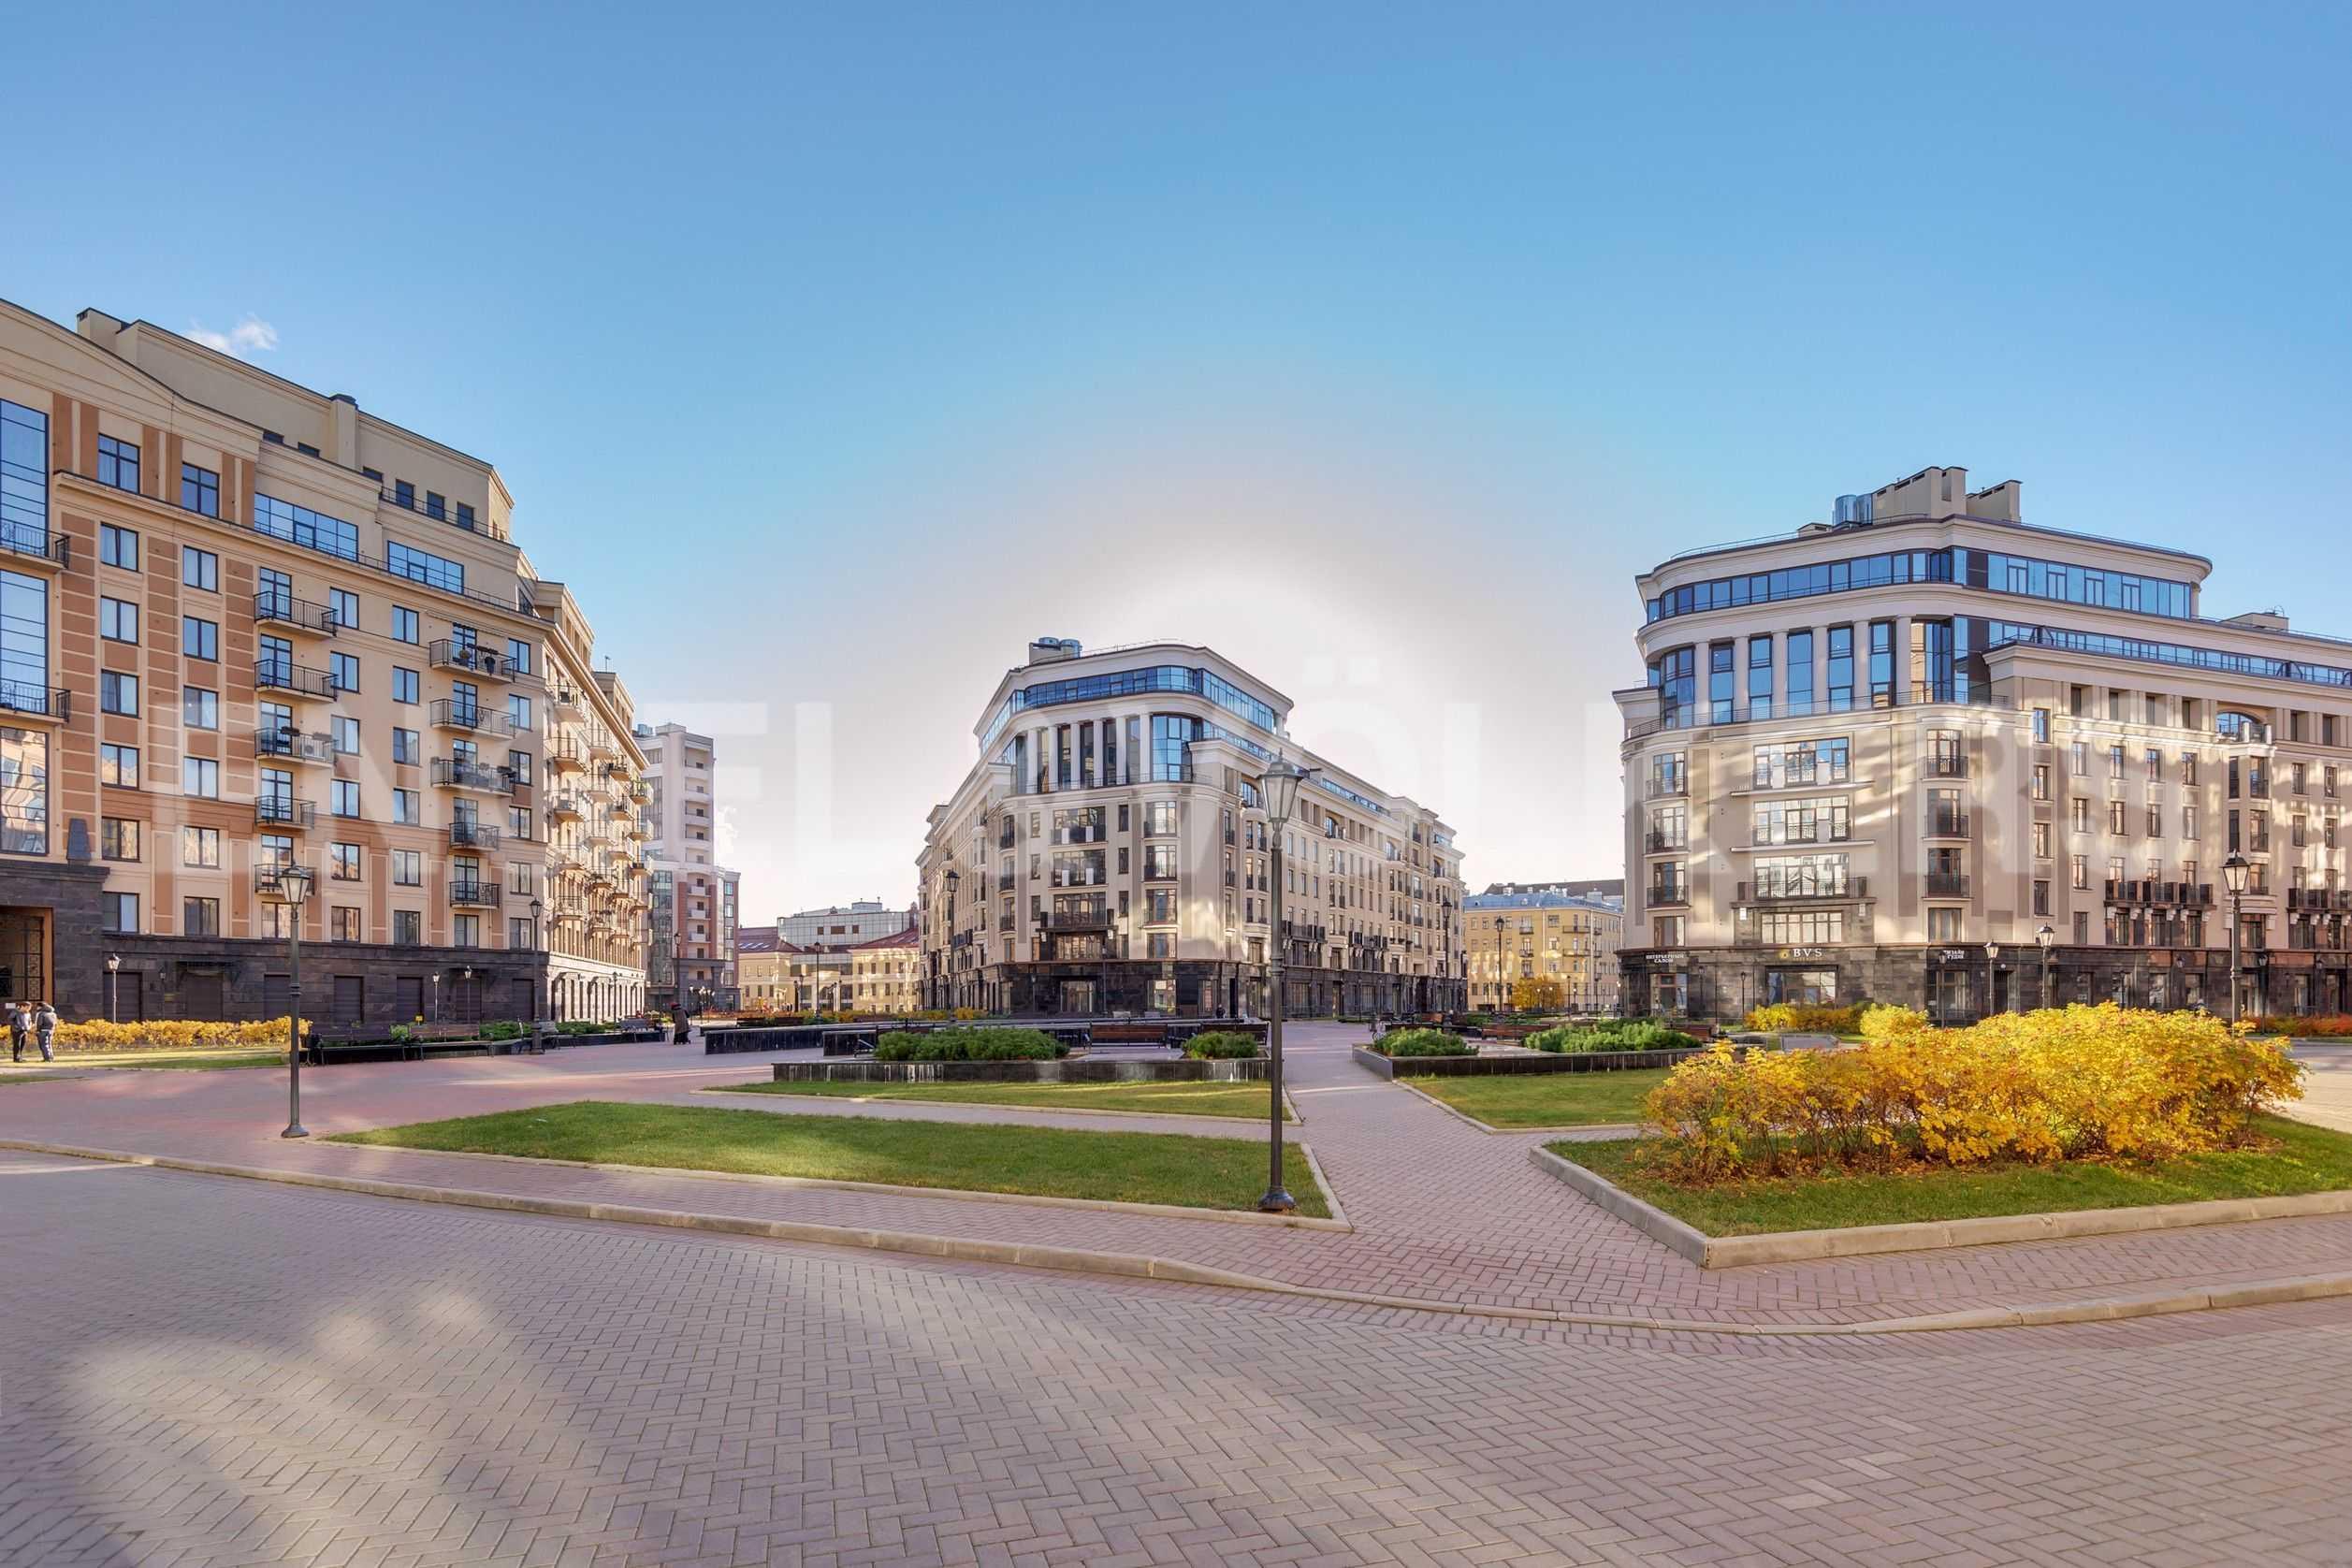 Элитные квартиры в Центральном районе. Санкт-Петербург, Парадная, 3. Фасад дома со стороны центральной площади комплекса